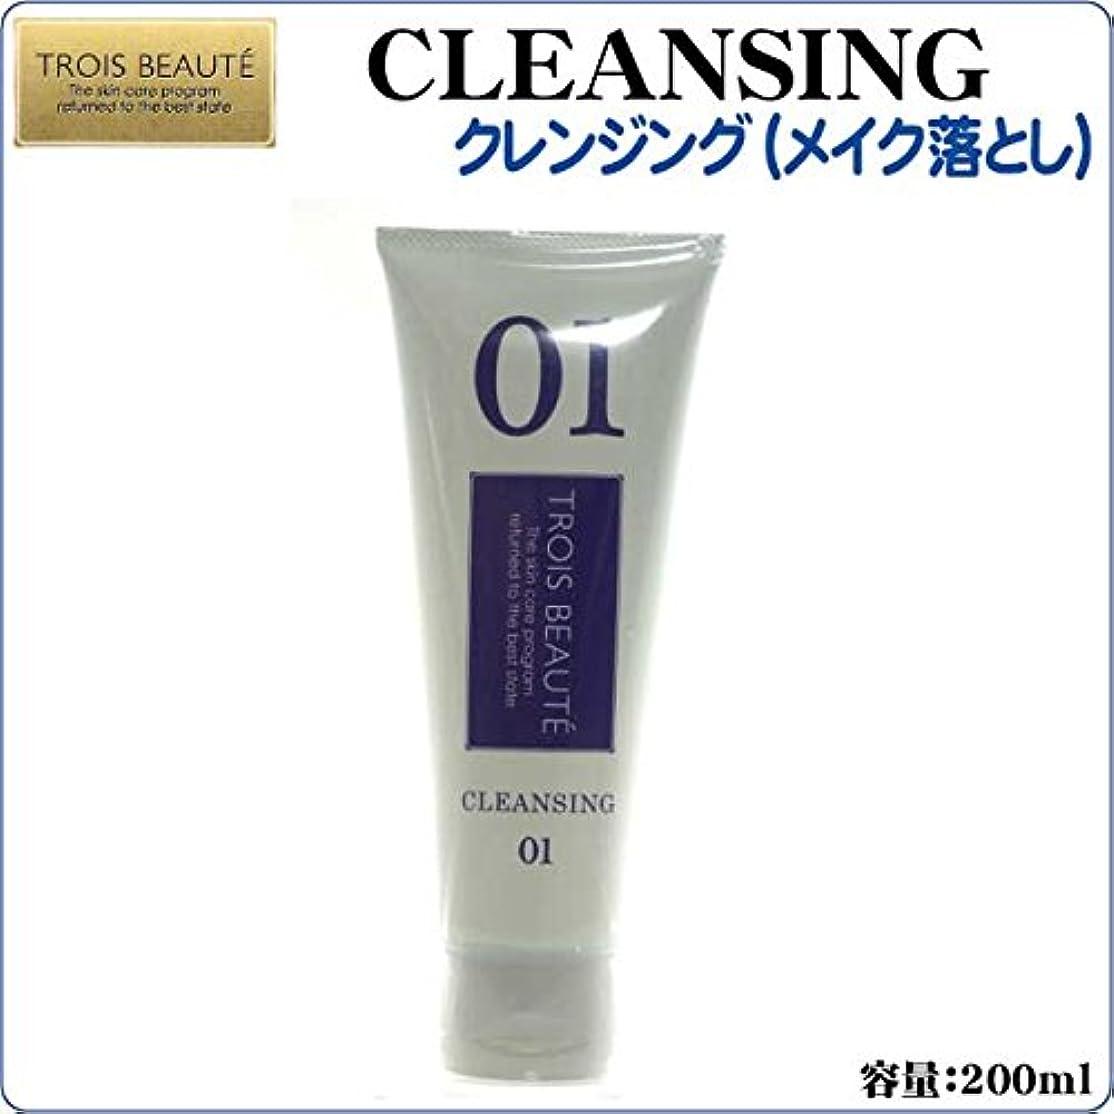 【トロワボウテ スキンケアシリーズ】  CLEANSING(クレンジング?メイク落とし)   200ml